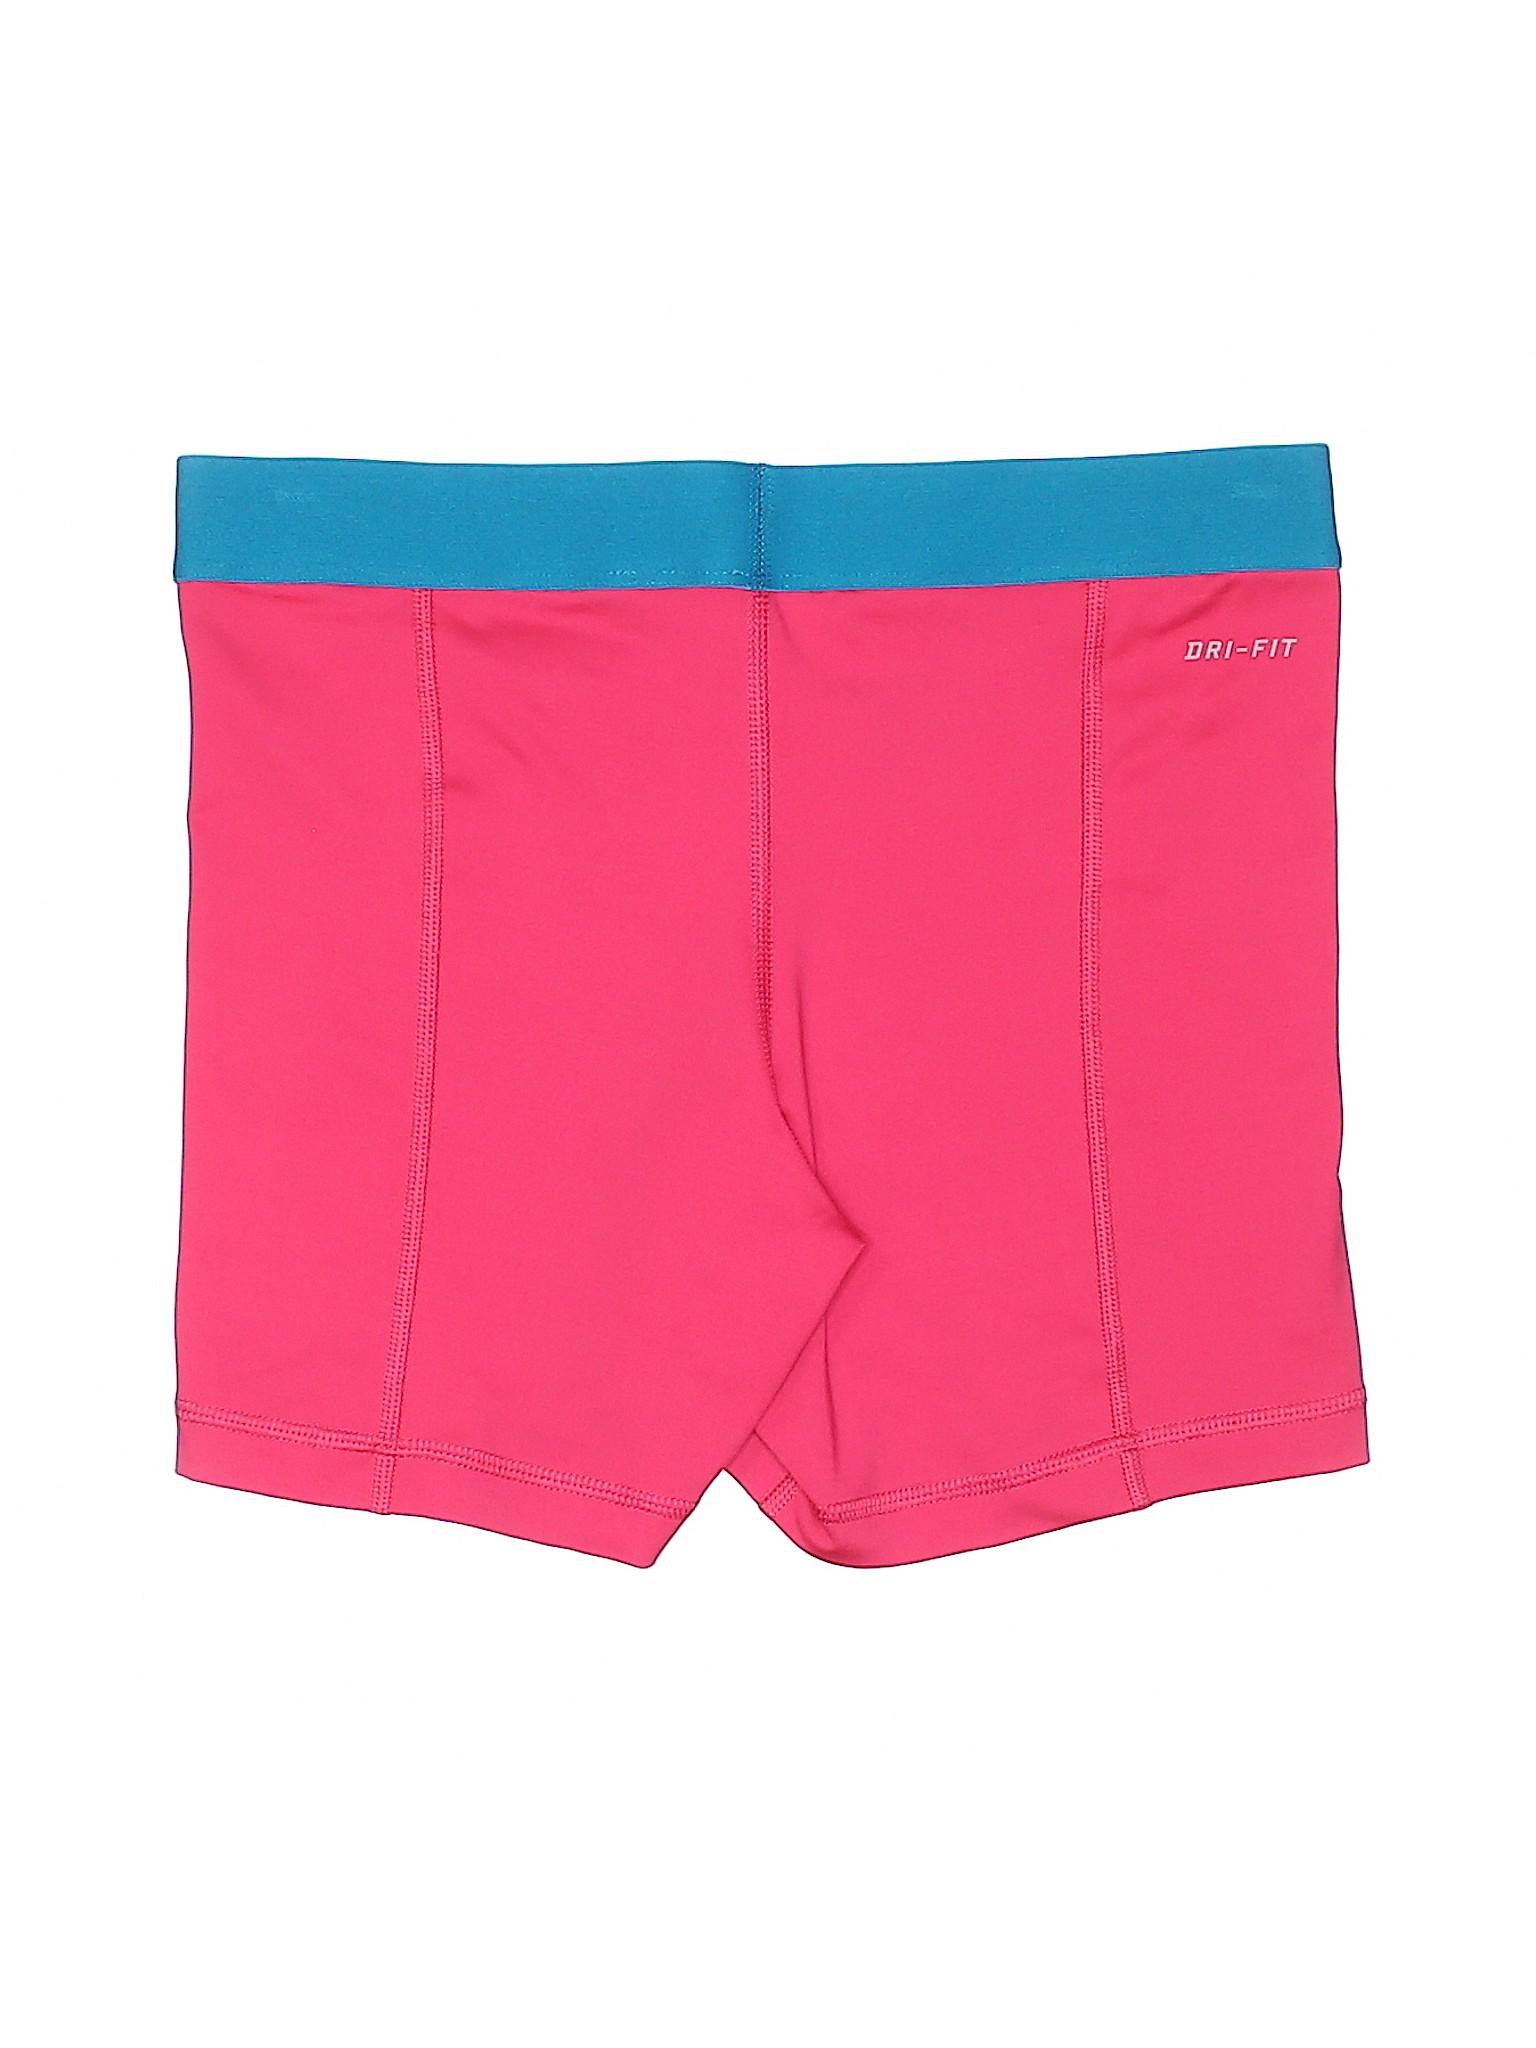 Athletic Athletic Nike Nike Boutique Shorts Shorts Shorts Boutique Nike Shorts Boutique Athletic Boutique Nike Athletic wOI7U4q